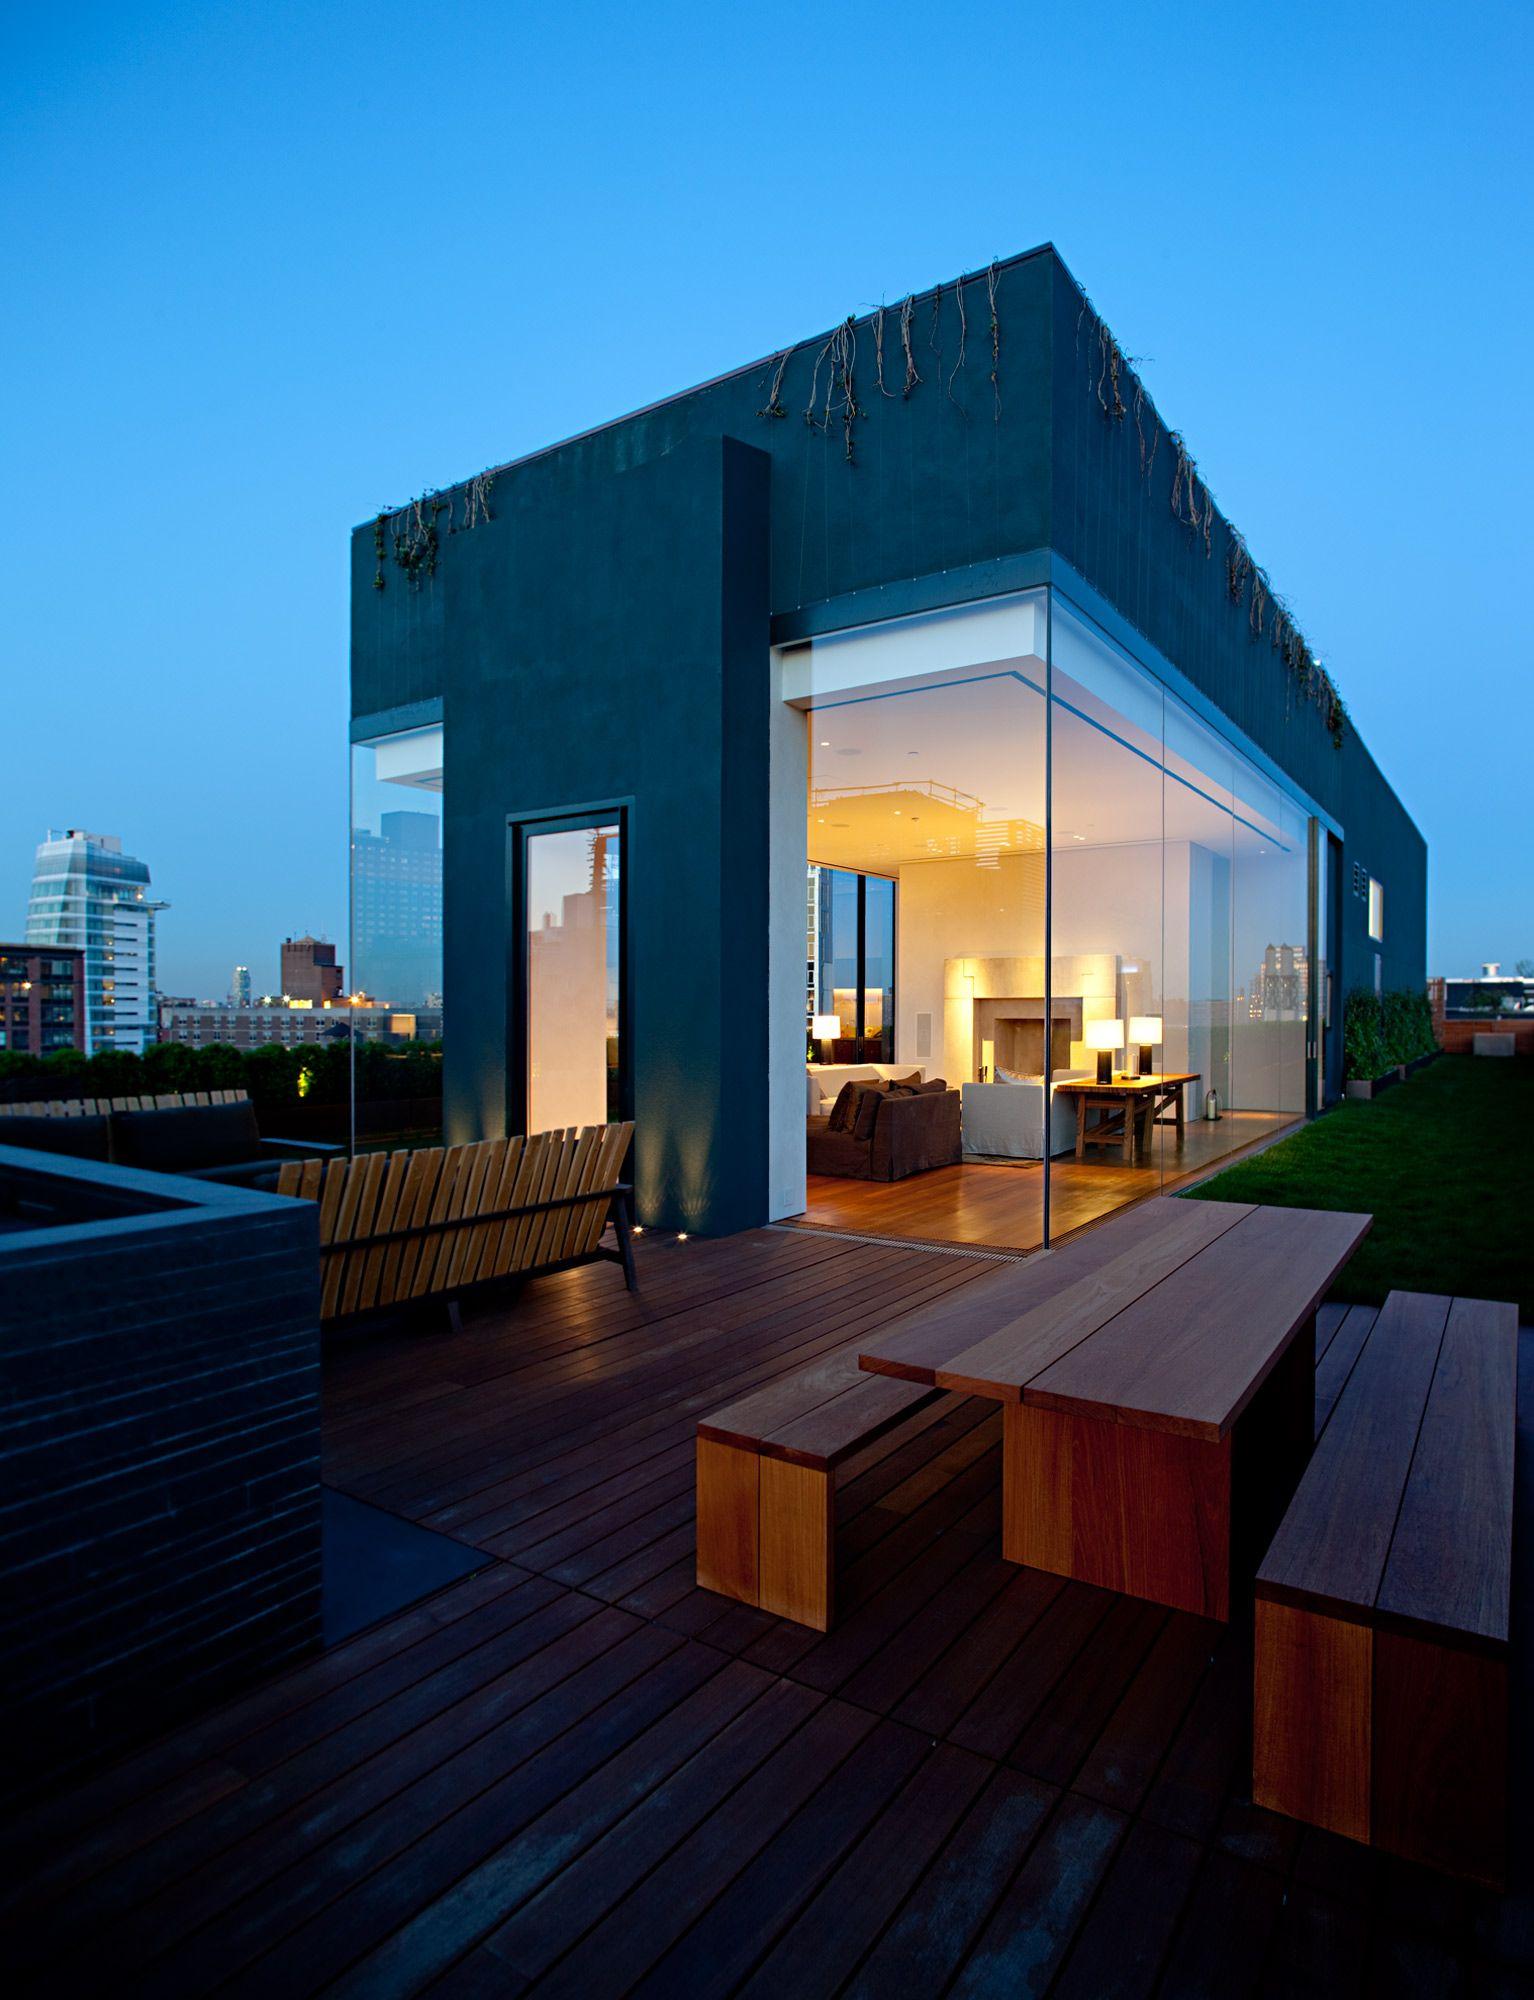 1000+ Bilder zu Dach auf Pinterest Moderne Häuser, rchitektur ... size: 1534 x 2000 post ID: 4 File size: 0 B